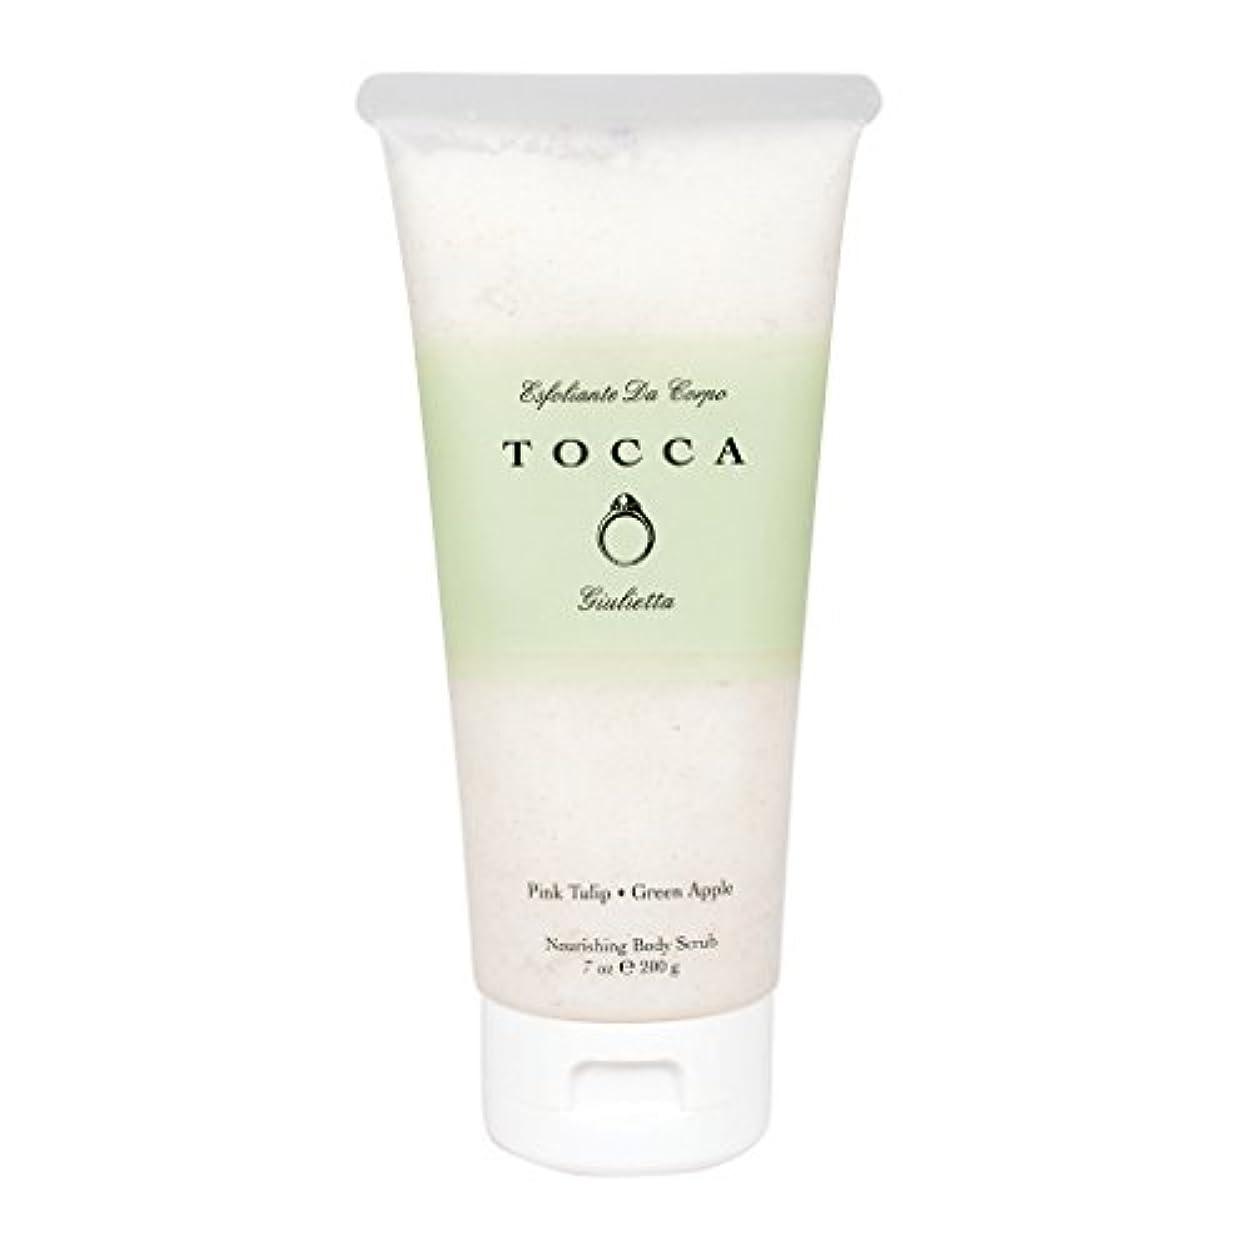 トラックアーサーマーケティングトッカ(TOCCA) ボディーケアスクラブ ジュリエッタの香り 200ml(全身?ボディー用マッサージ料 ピンクチューリップとグリーンアップルの爽やかで甘い香り)